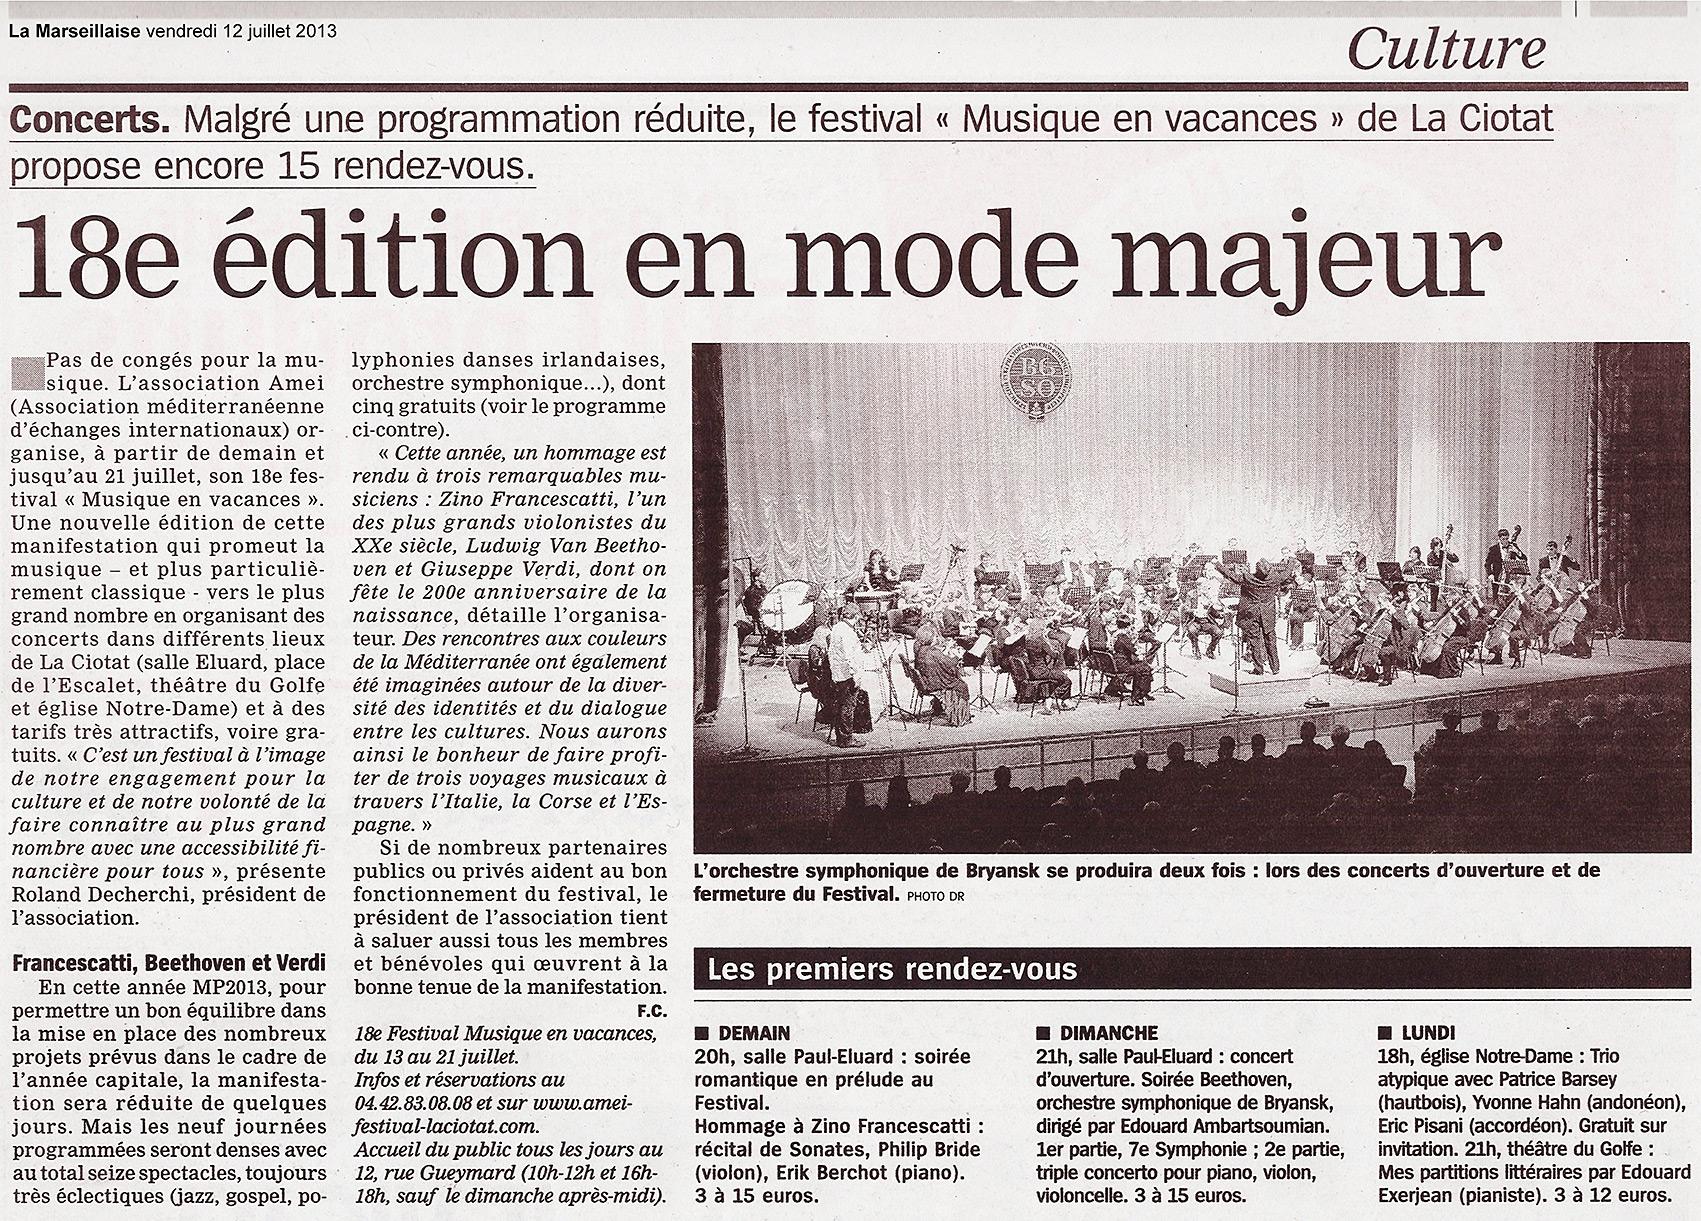 La-Marseillaise---article-du-12-juillet-2013-72dpi